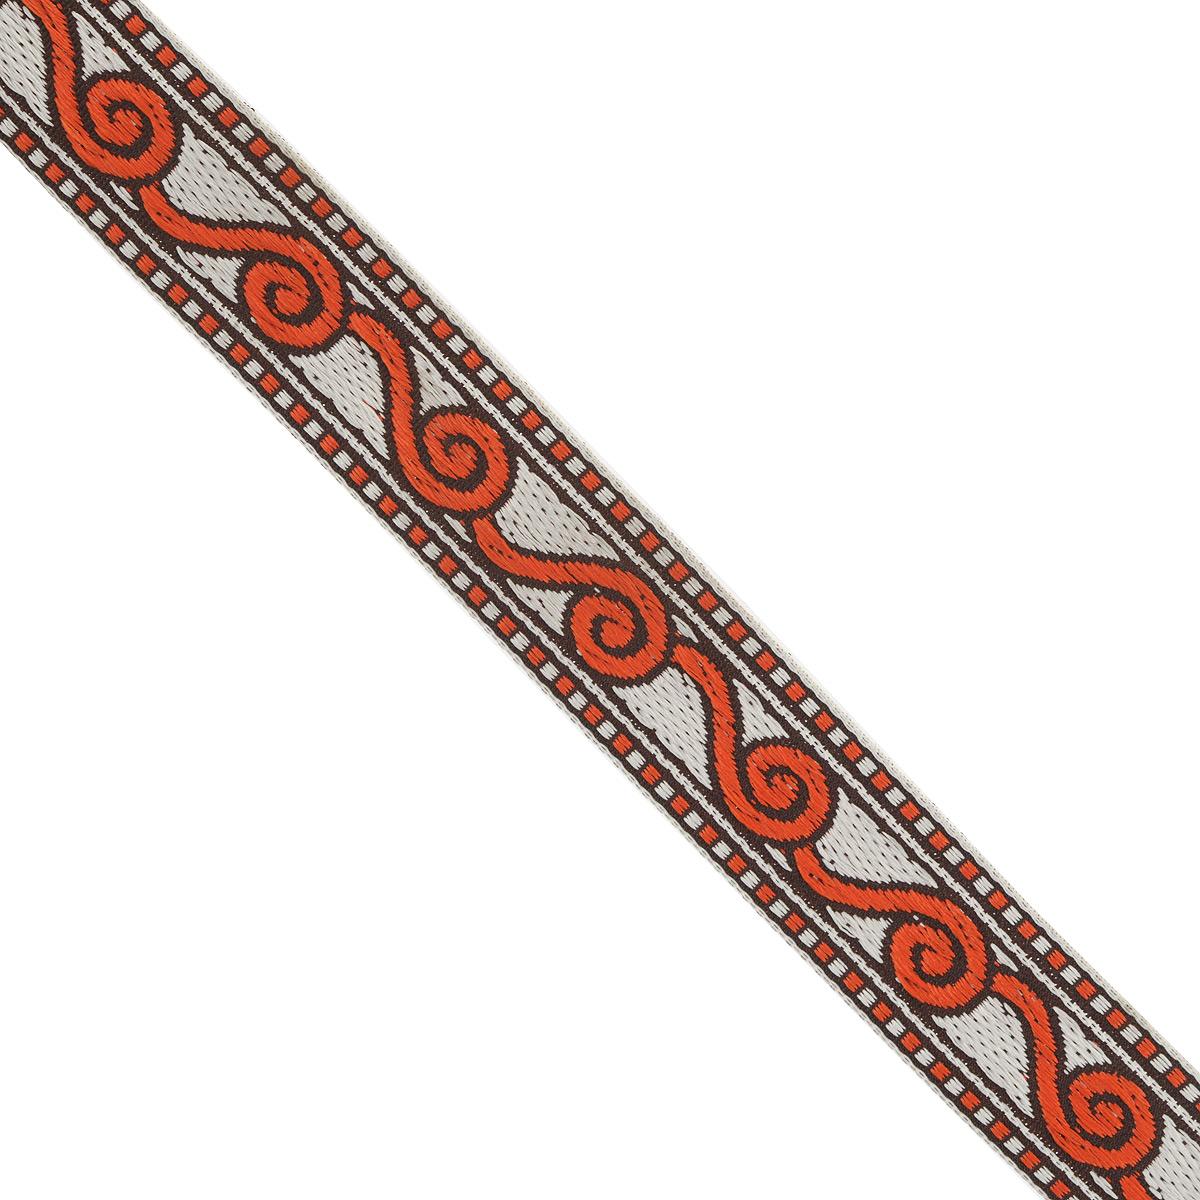 Тесьма декоративная Астра, цвет: красный (4), ширина 2 см, длина 16,4 м. 7703271C0044702Декоративная тесьма Астра выполнена из текстиля и оформлена оригинальным орнаментом. Такая тесьма идеально подойдет для оформления различных творческих работ таких, как скрапбукинг, аппликация, декор коробок и открыток и многое другое. Тесьма наивысшего качества и практична в использовании. Она станет незаменимым элементом в создании рукотворного шедевра. Ширина: 2 см.Длина: 16,4 м.